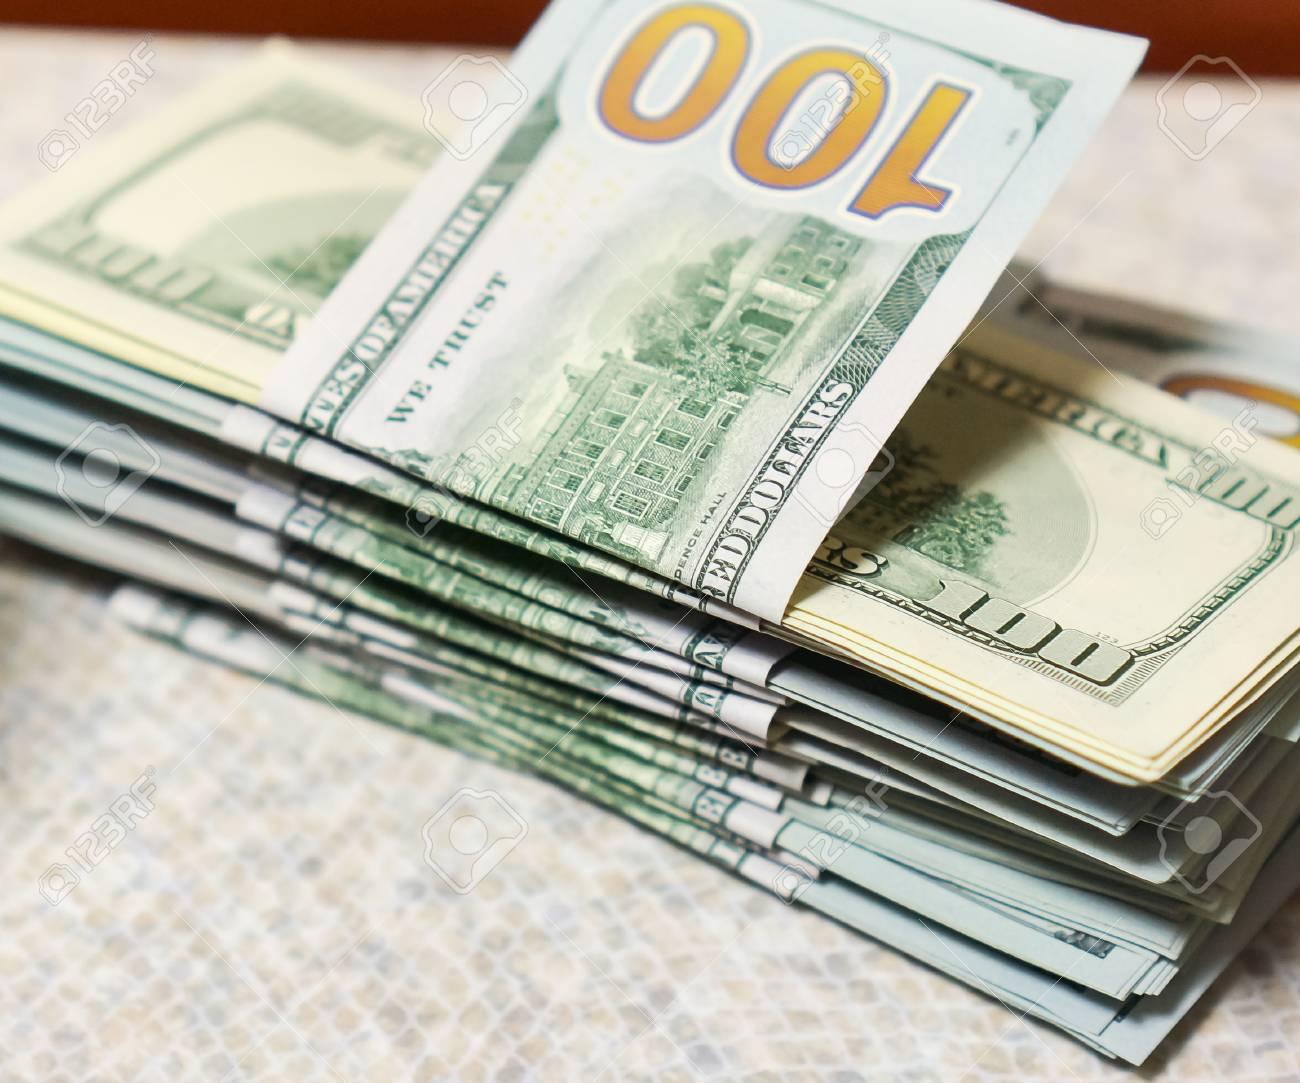 Marfil Tabke Con Dinero De Cien Dólares En Una Pila Alta Pila De